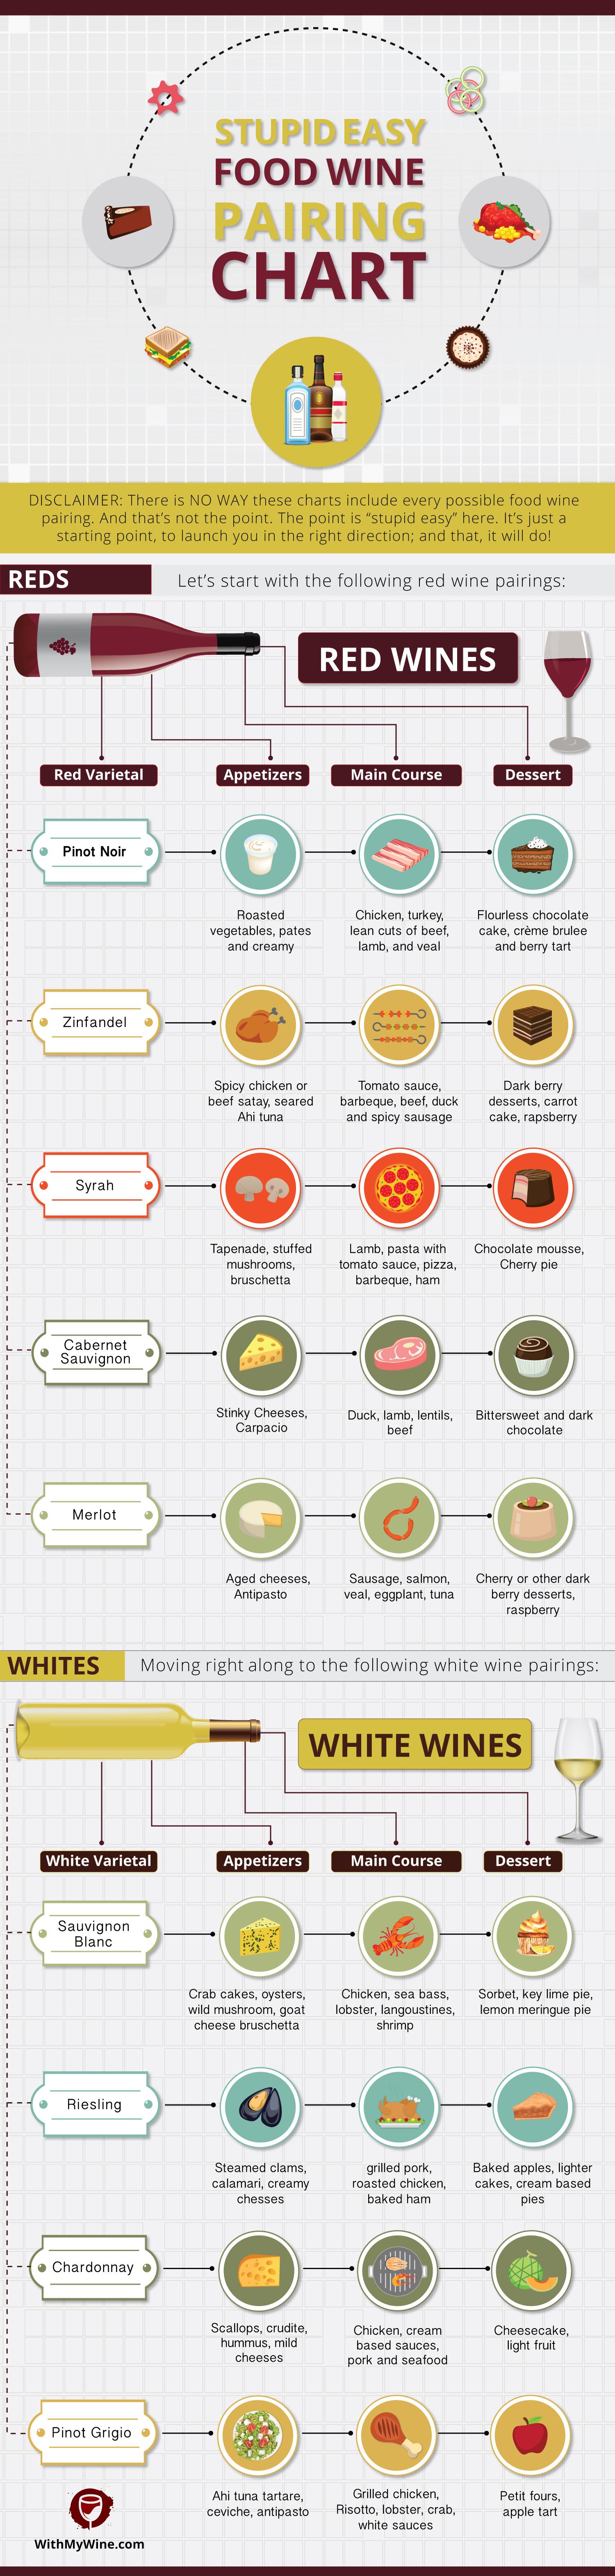 wine-pairing-chart-infographic